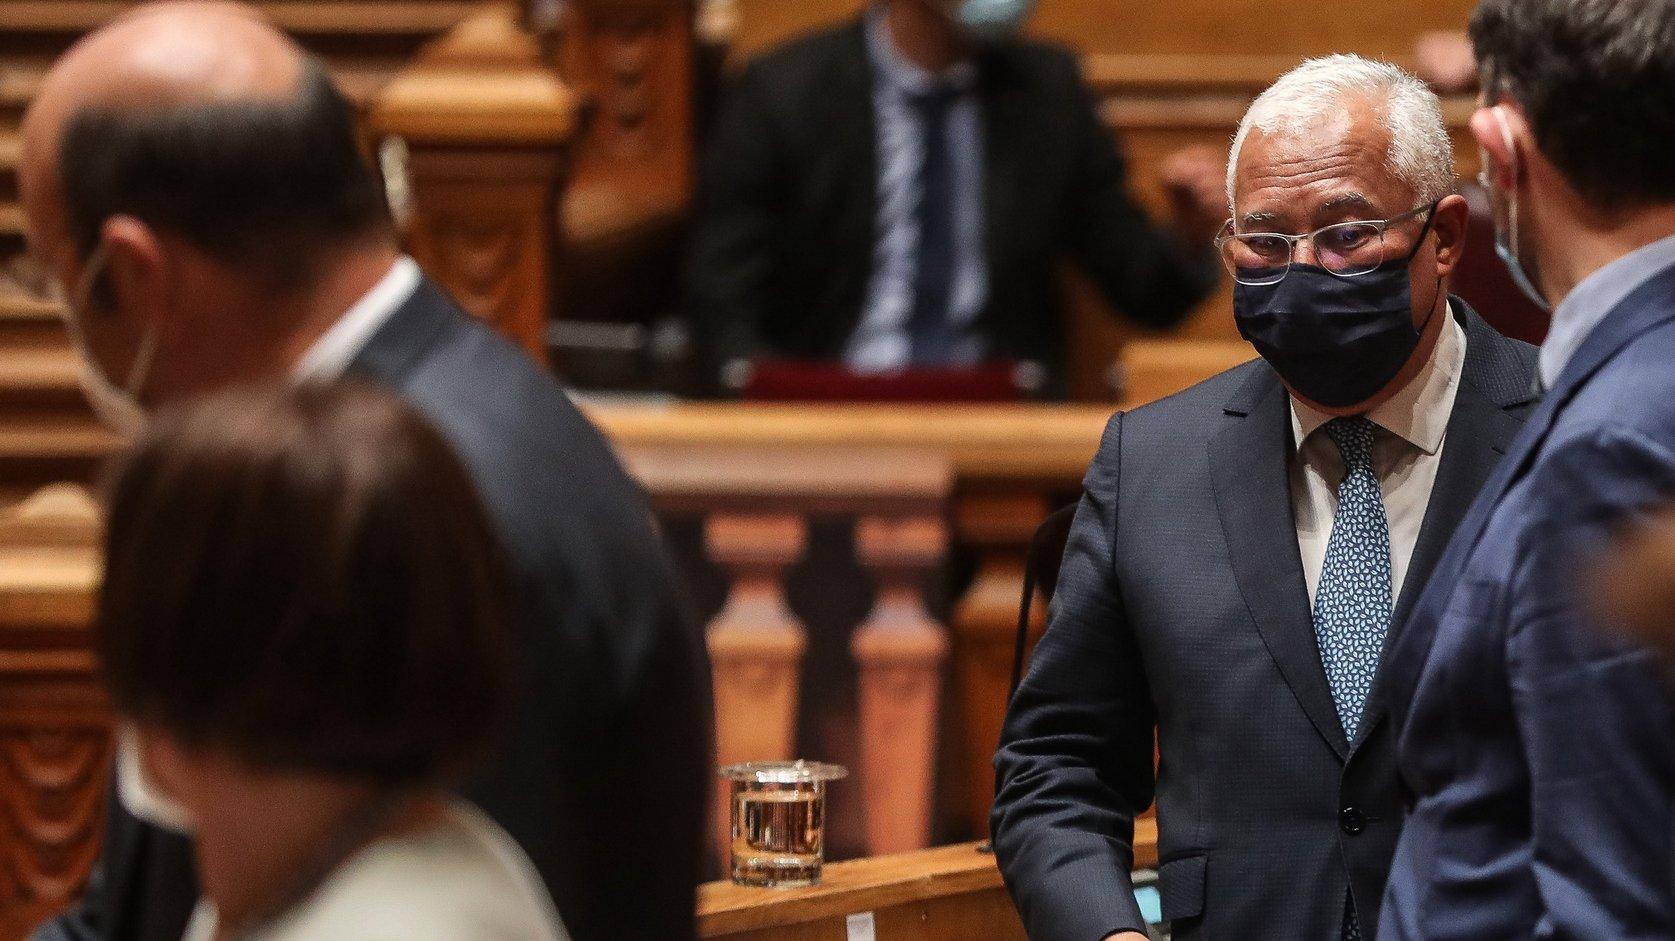 O primeiro-ministro, António Costa, à chegada para participar no debate parlamentar sobre política geral, na Assembleia da República, em Lisboa, 17 de março de 2021. MÁRIO CRUZ/LUSA